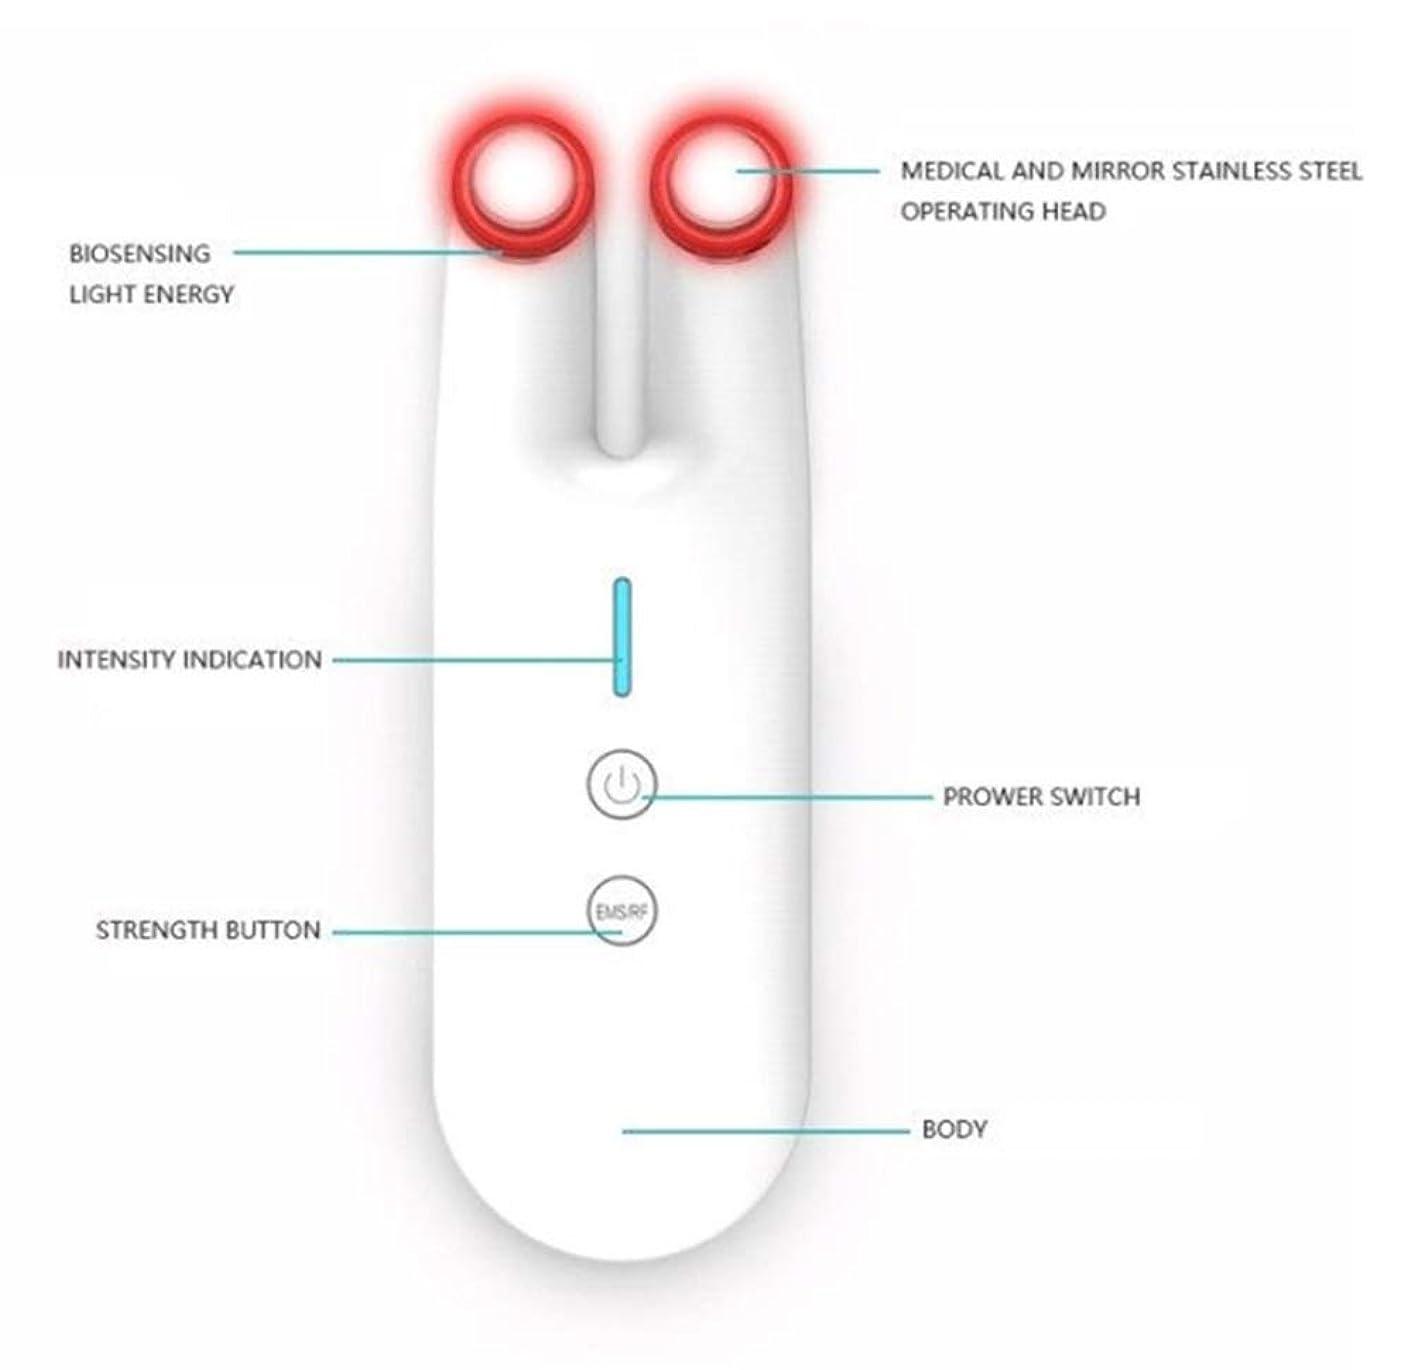 補助盆ヒールアンチエイジングフェイシャルマッサージ、しわ、にきび、肌の引き締め、ホームスキンケアアイケア、スキンリフティング用EMS Microcurrent RFレッドライトマシン (Color : White)